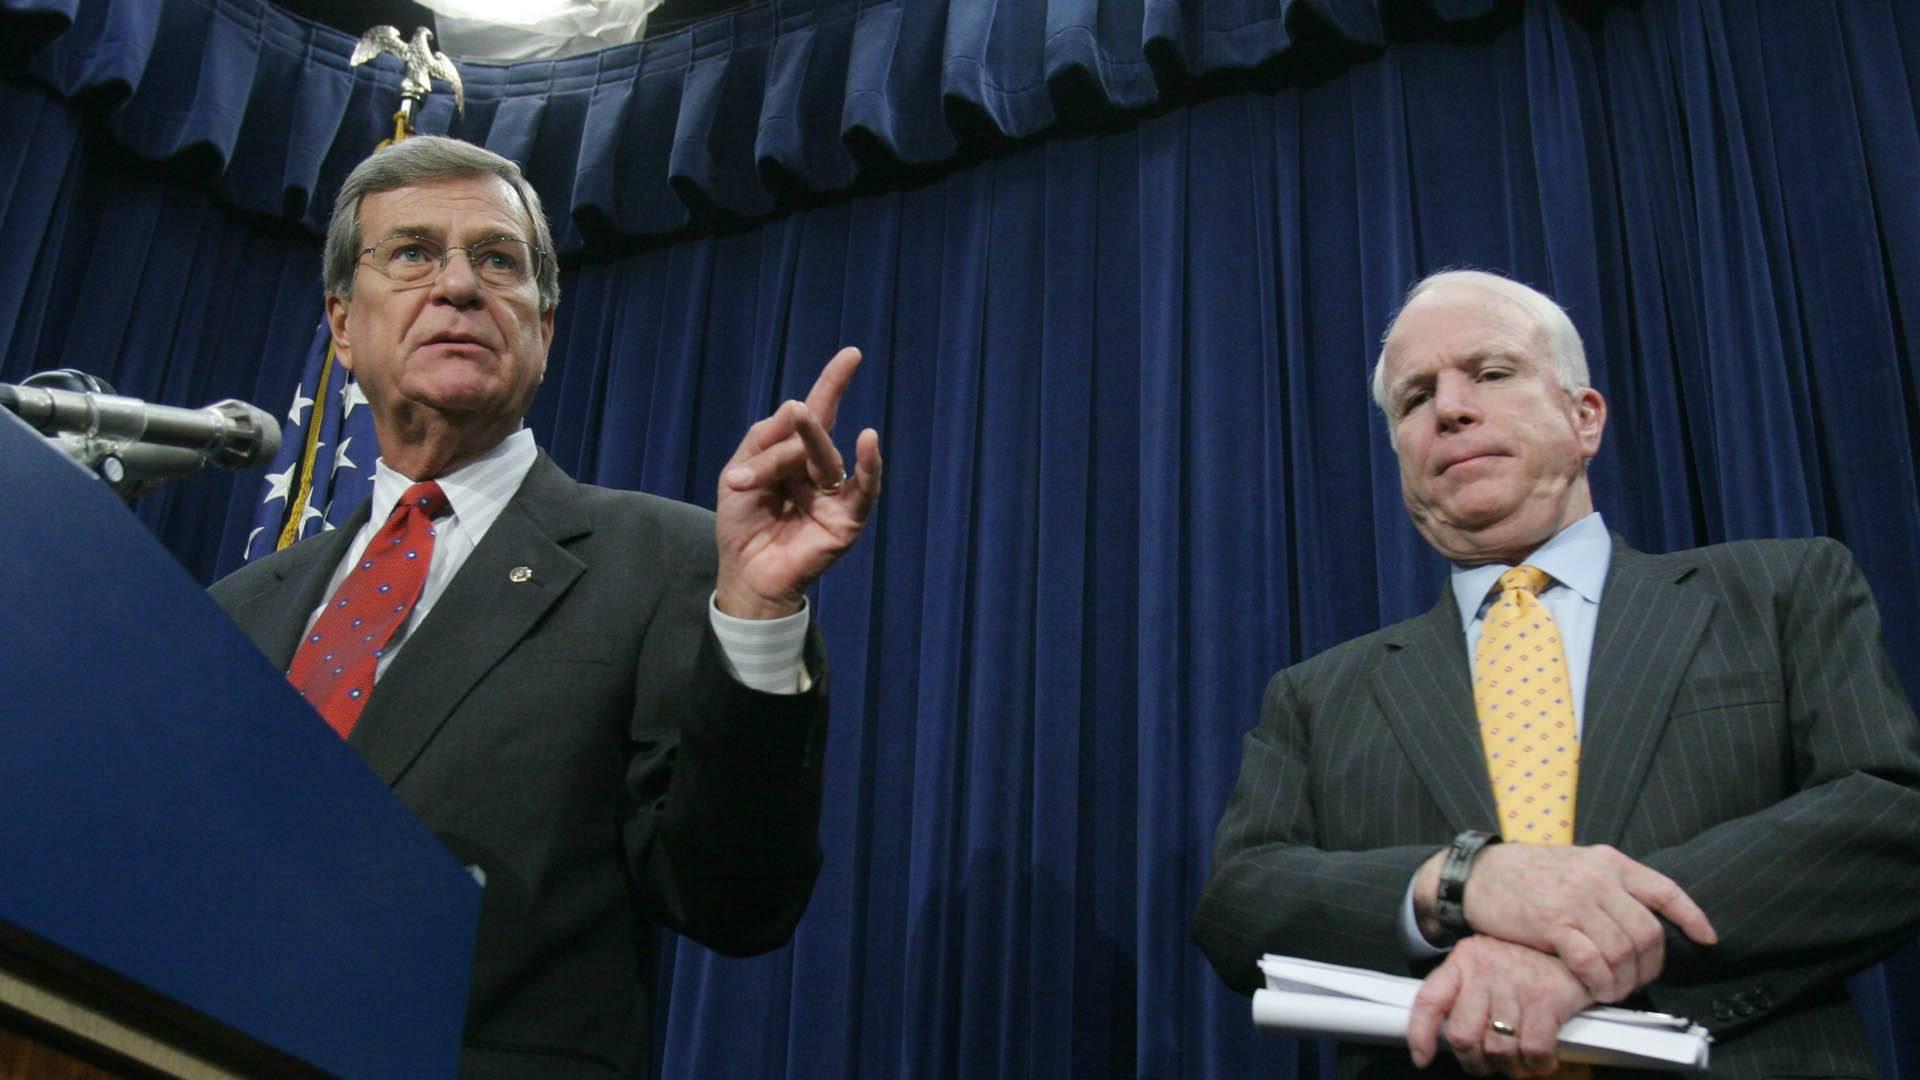 Lott remembers Senate colleague, McCain